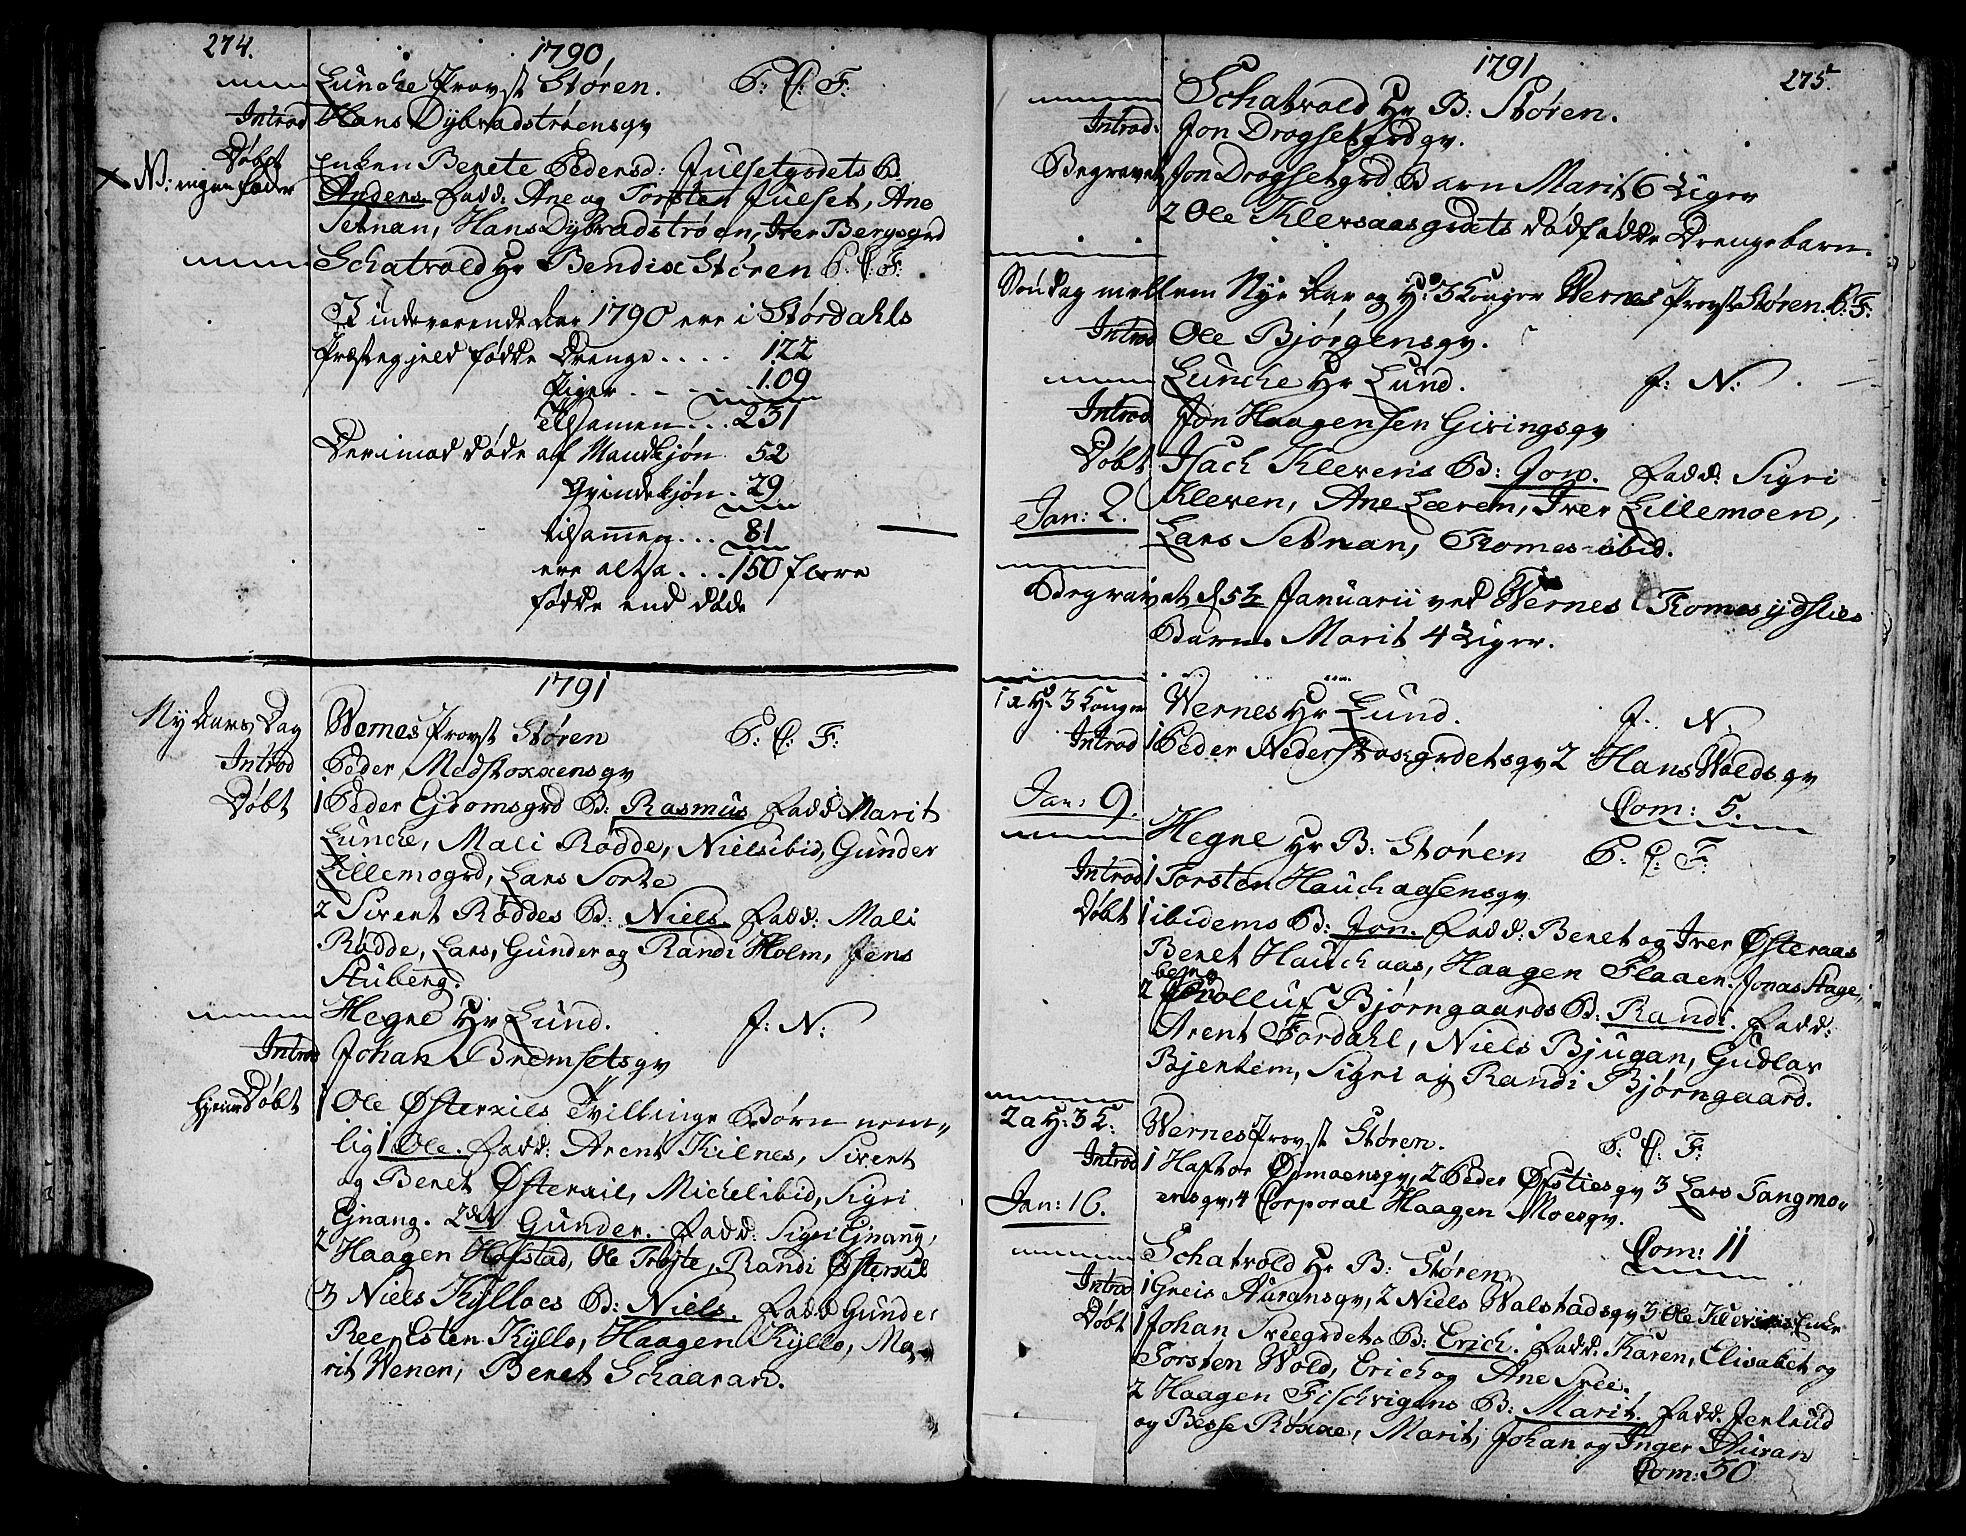 SAT, Ministerialprotokoller, klokkerbøker og fødselsregistre - Nord-Trøndelag, 709/L0059: Ministerialbok nr. 709A06, 1781-1797, s. 274-275